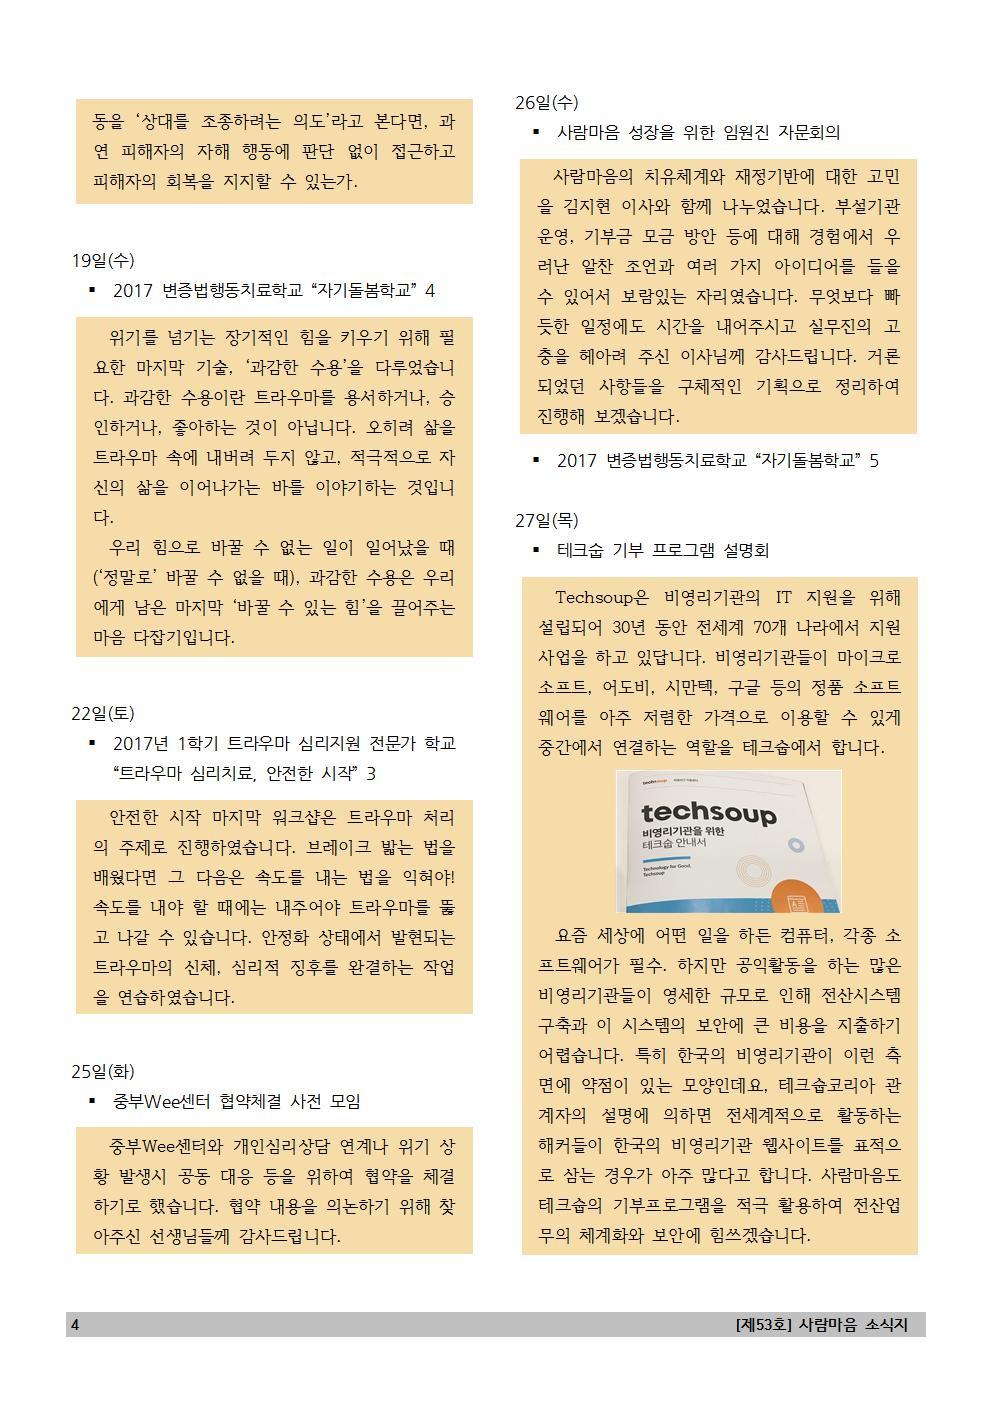 201705_53rd_news letter (4).jpg